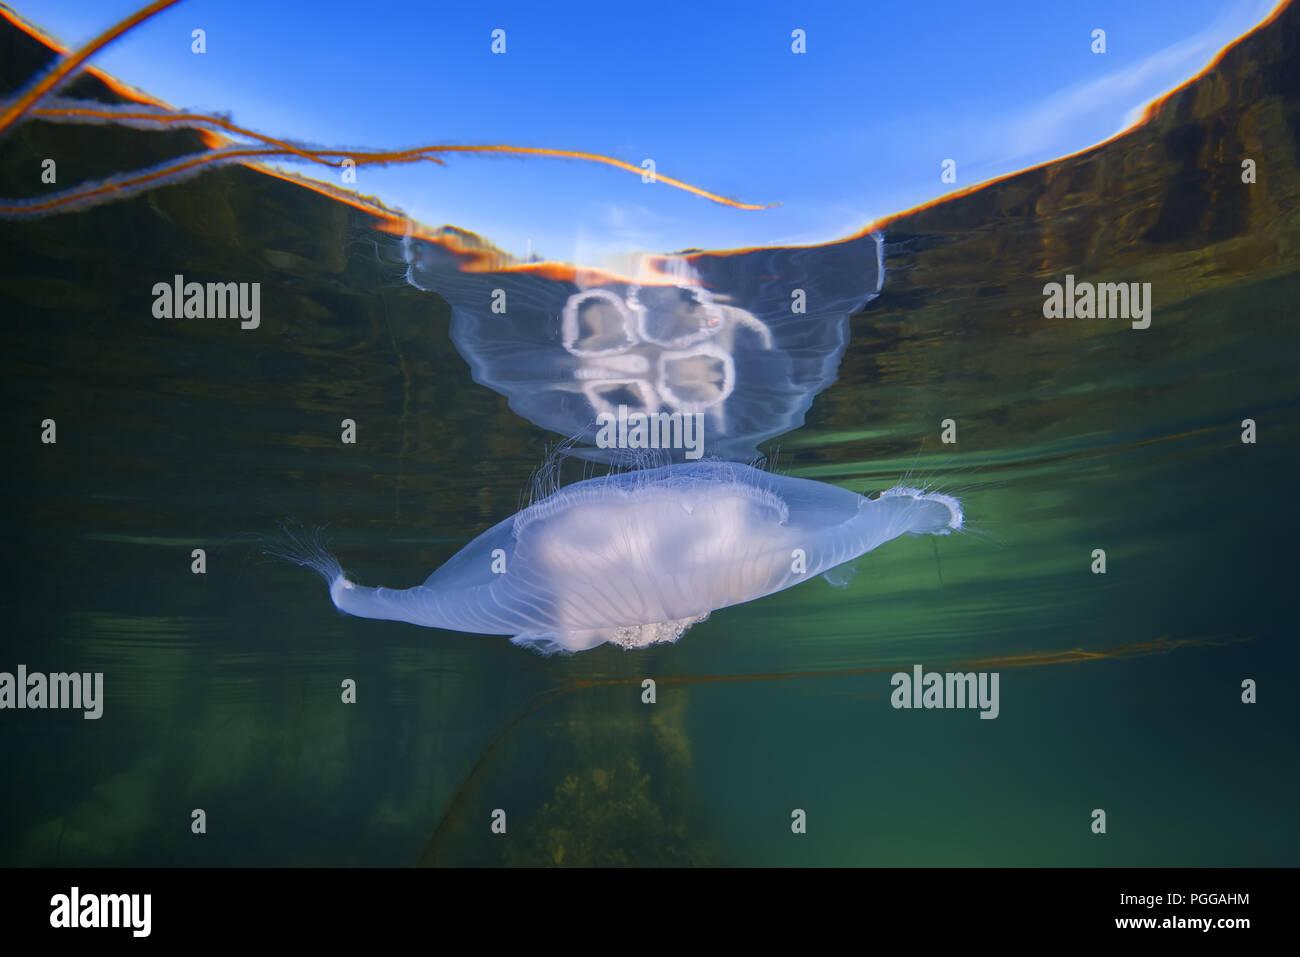 Ohrenquallen, gemeinsame Qualle, Moon jelly oder Untertasse Jelly (Aurelia aurita) ist aus der Wasseroberfläche reflektiert Stockfoto